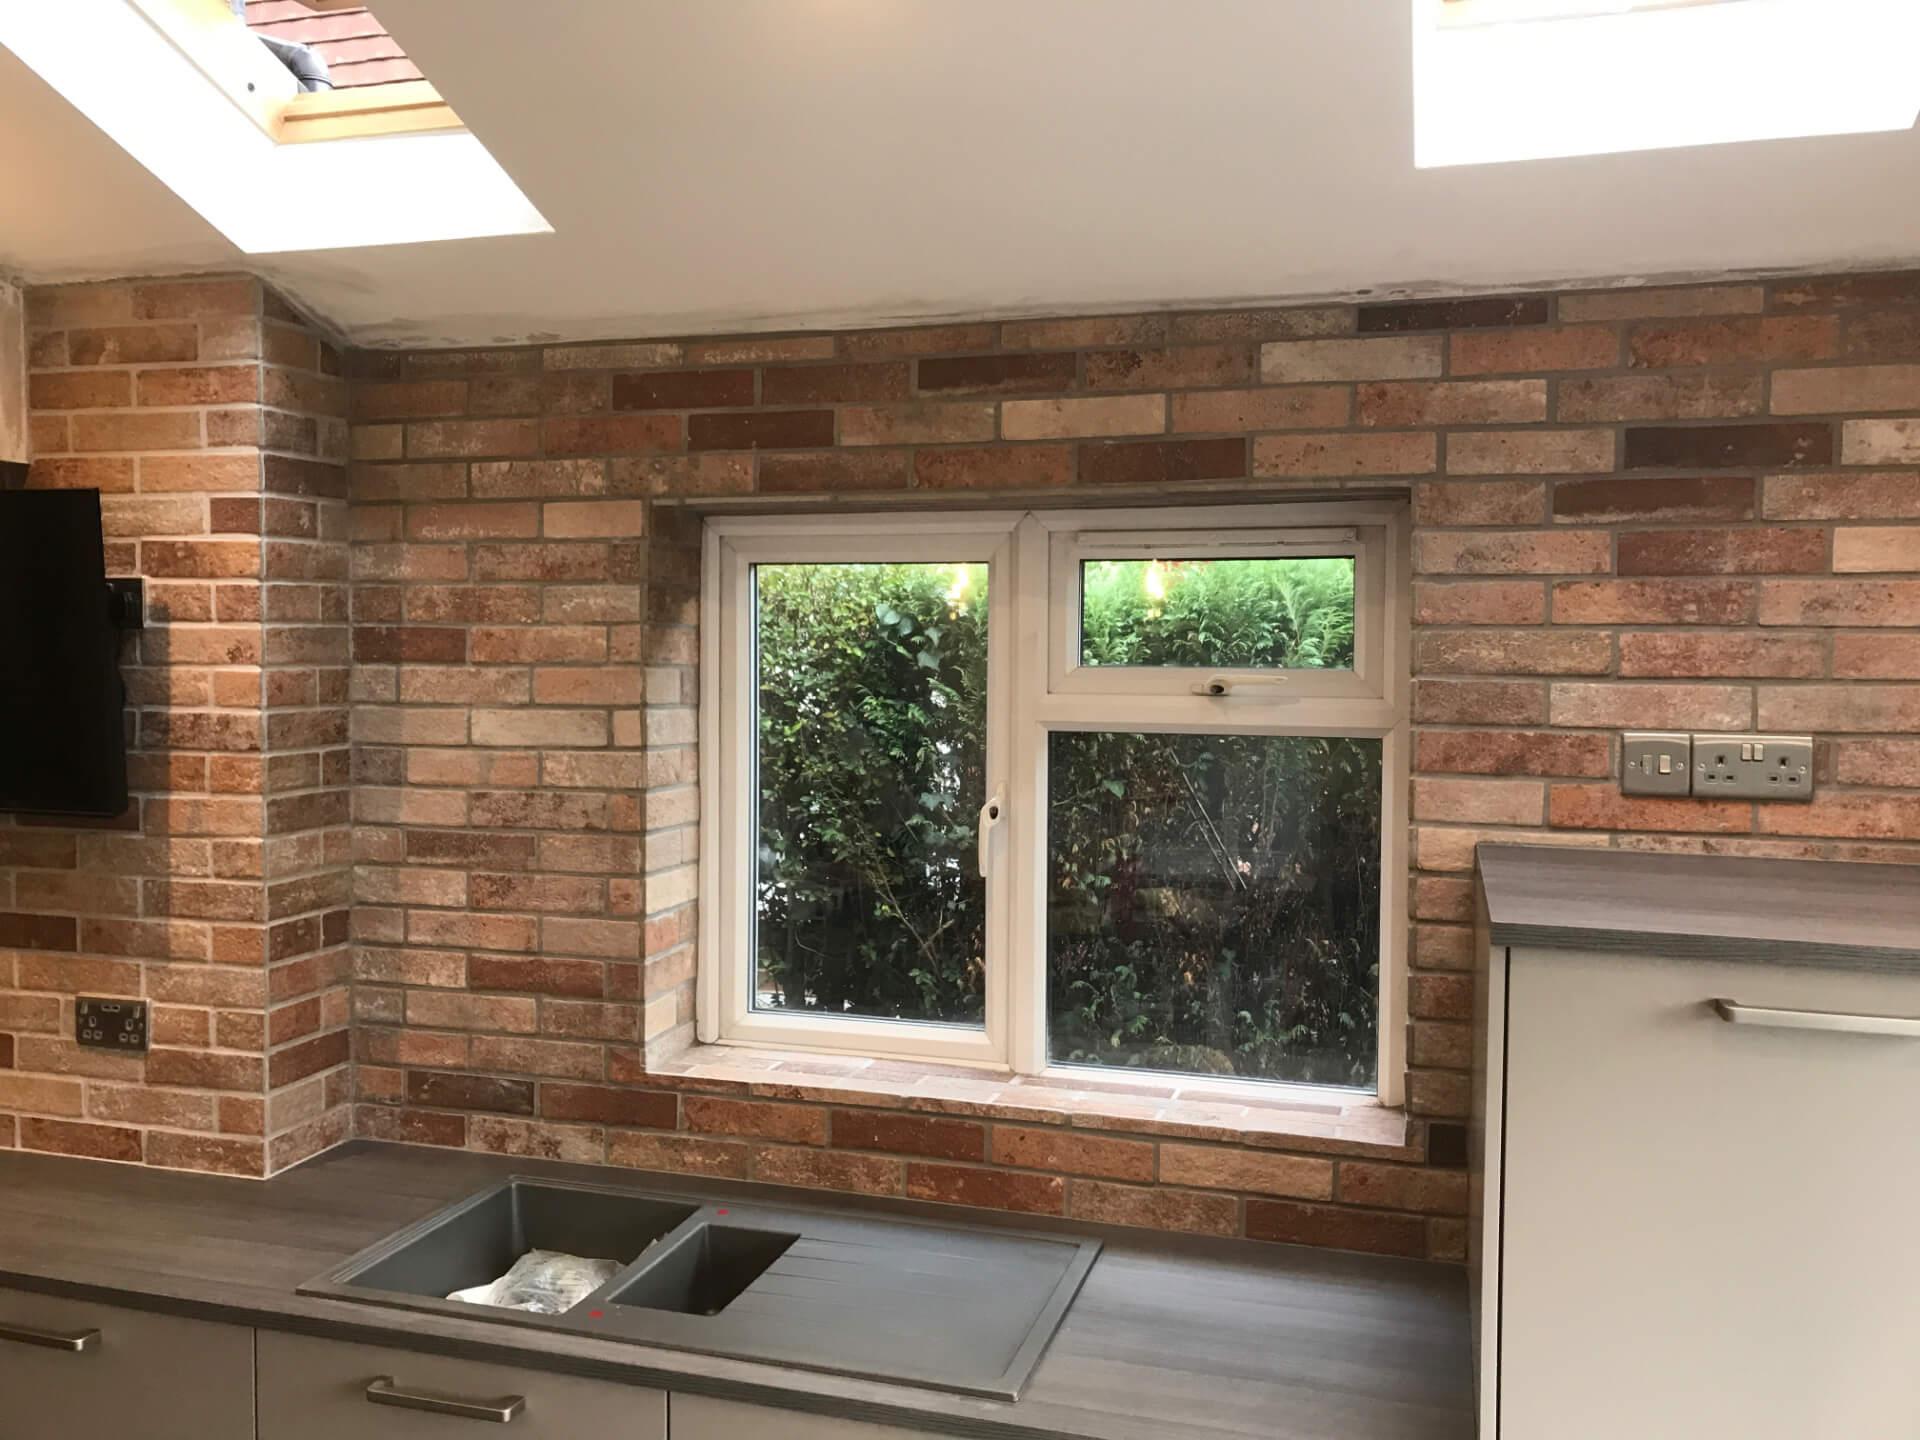 New Kitchen Windows